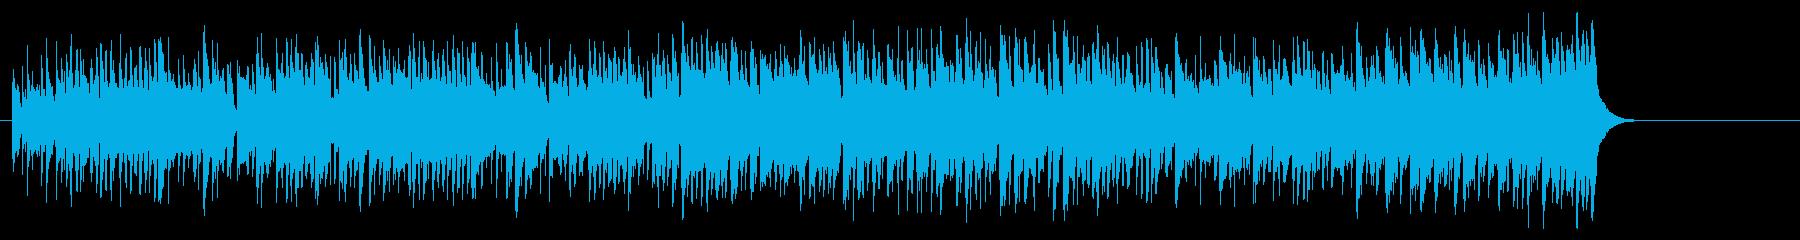 爽快な躍動感の情報向けポップフュージョンの再生済みの波形